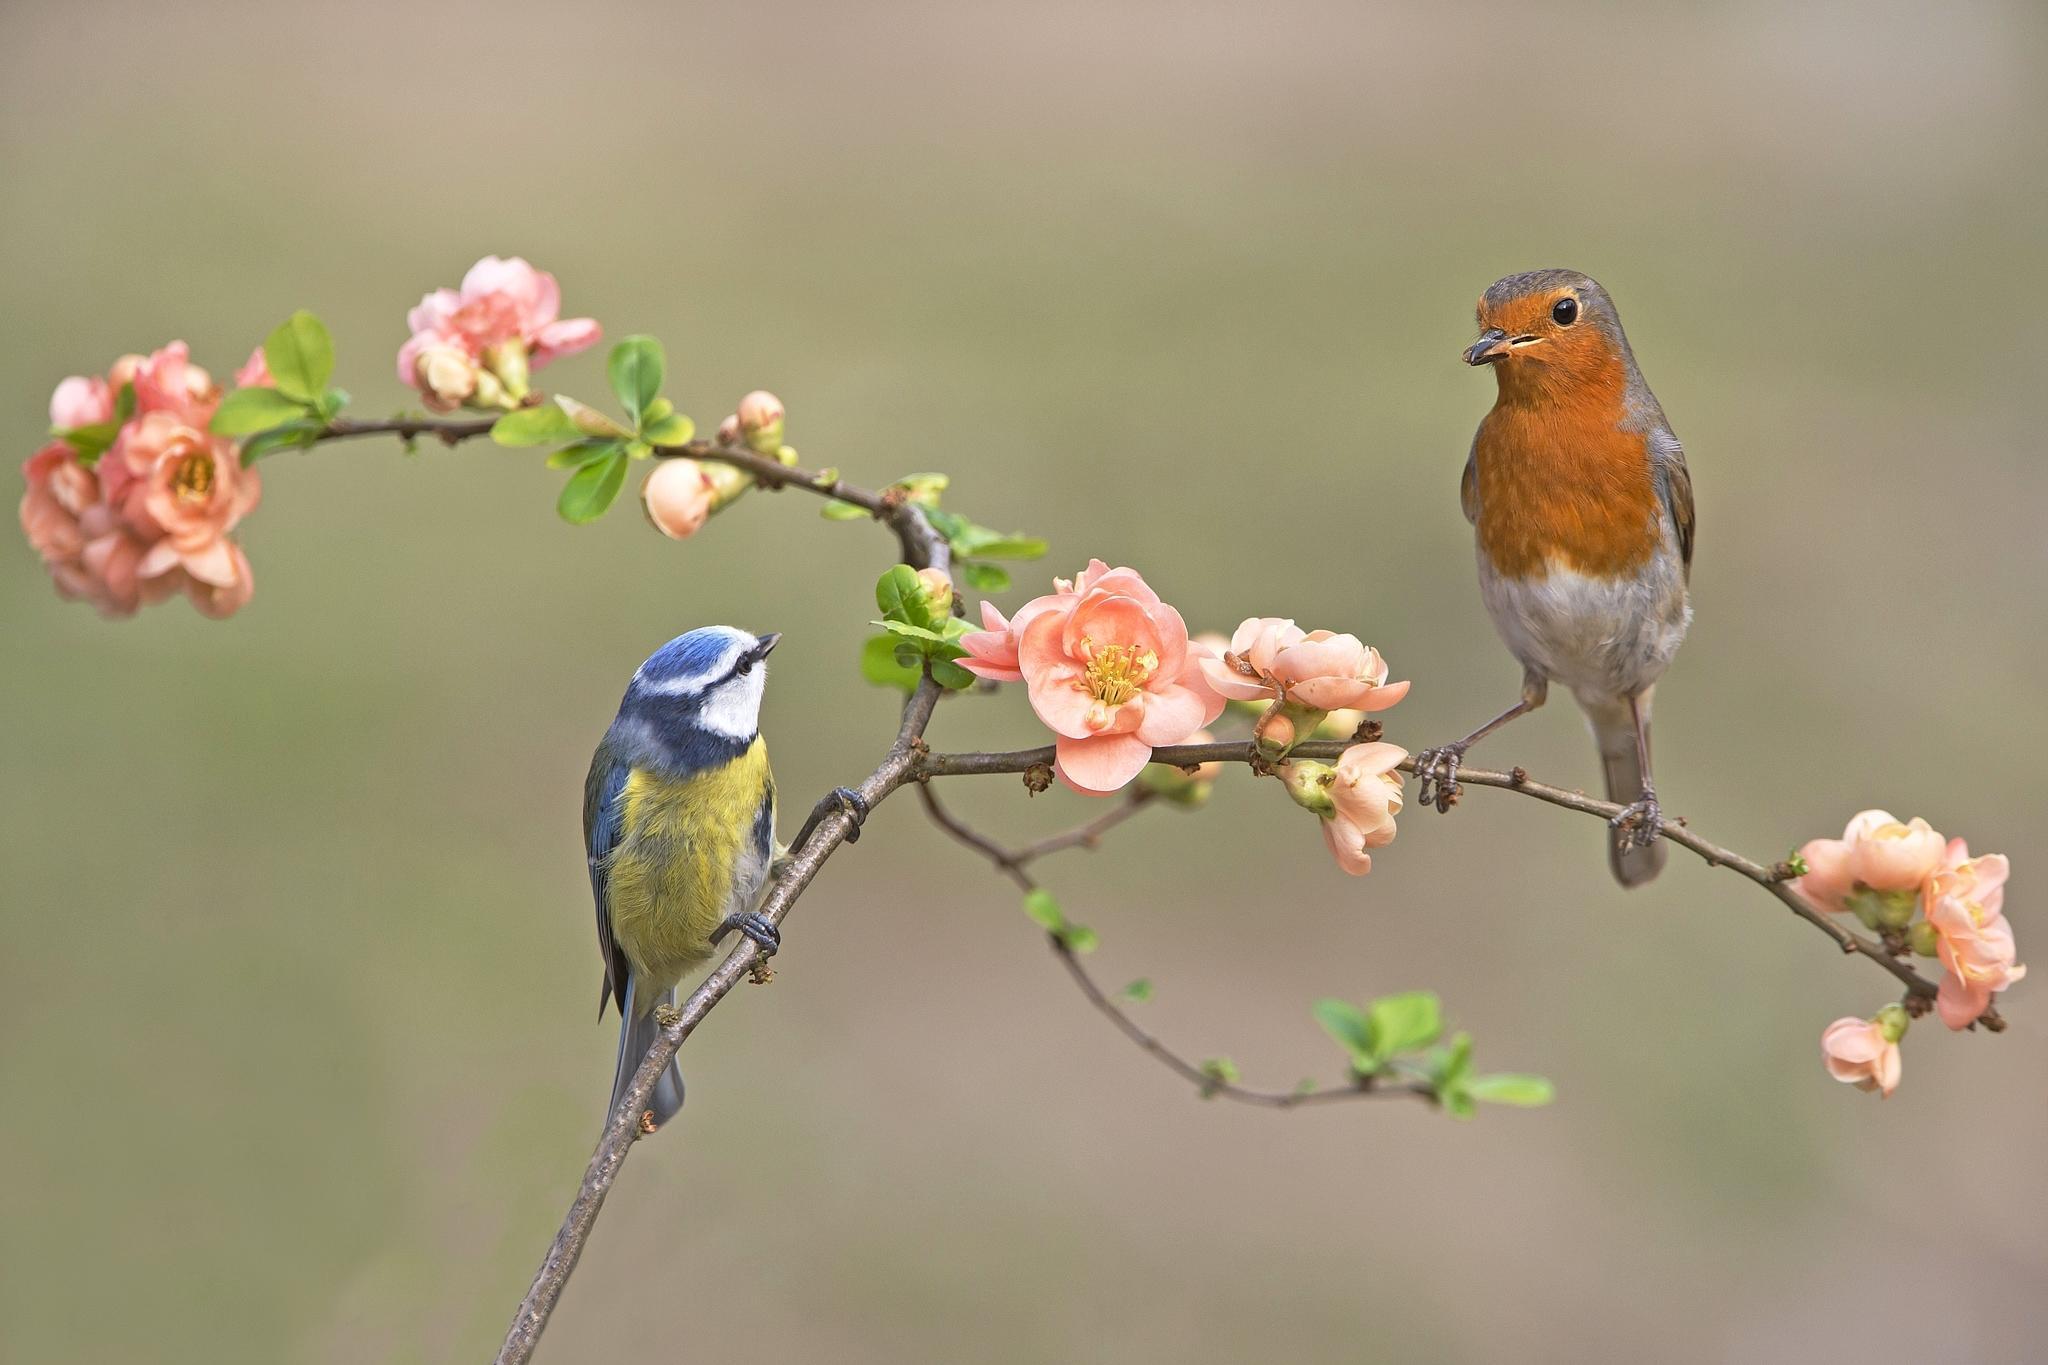 птички на ветке фото поздравления днём знаний